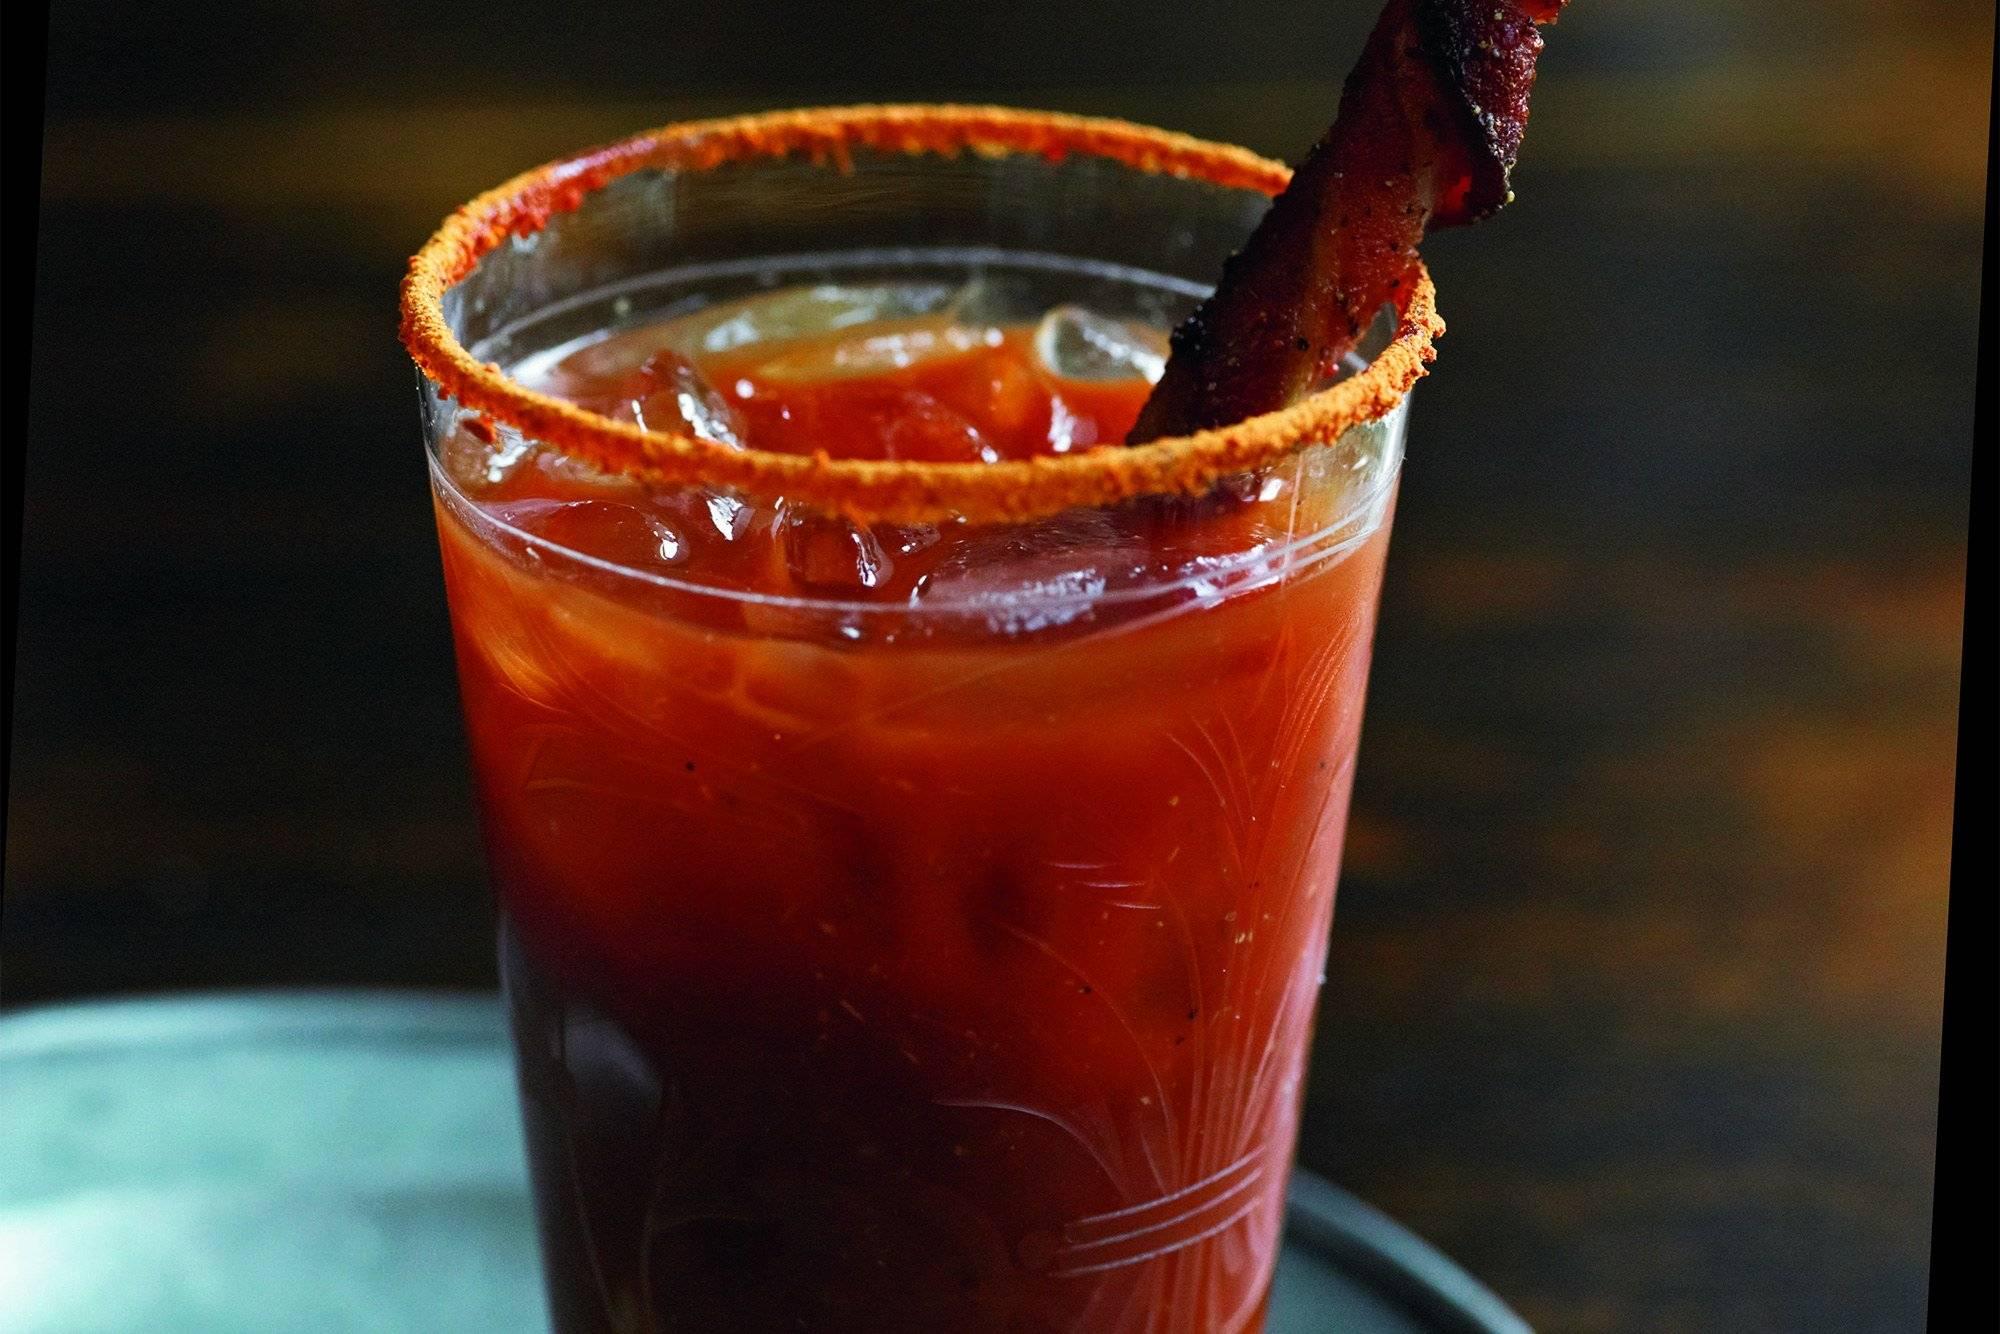 Коктейль кровавая мэри: классический рецепт и технология приготовления коктейля своими руками (125 фото и видео)